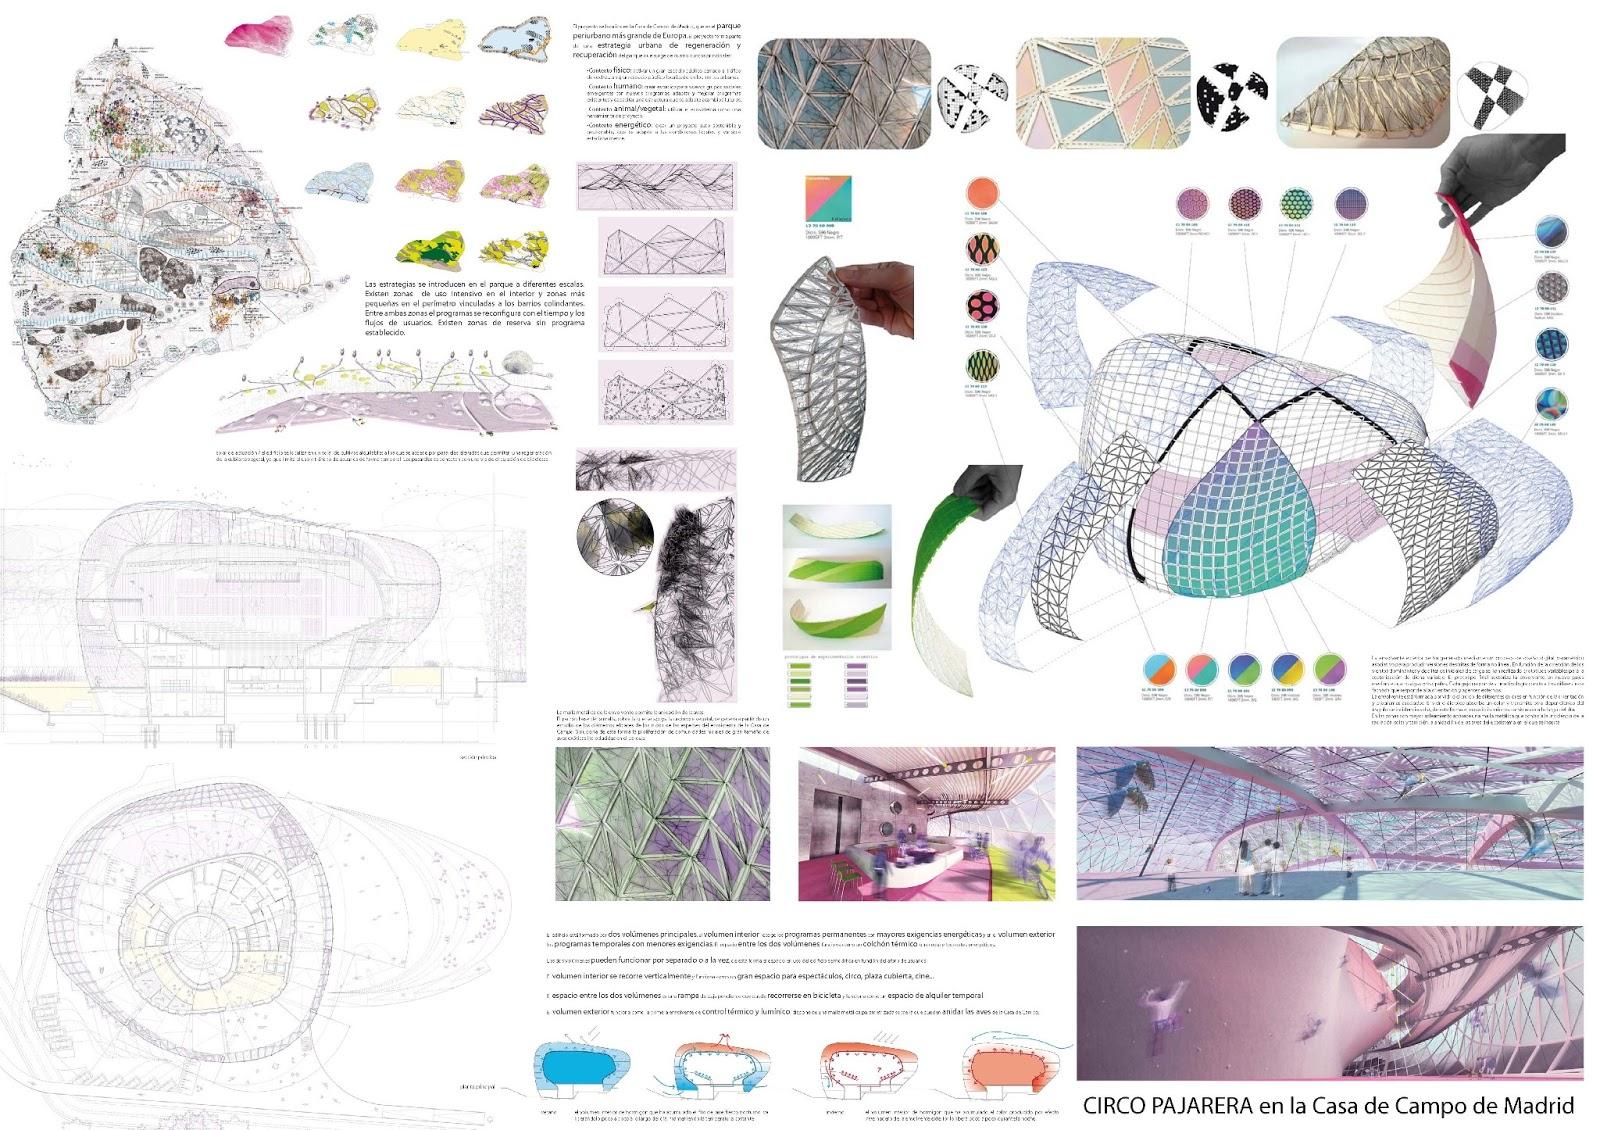 Premio pfc arquitectura 2012 tv arquitectura aib for Universidades de arquitectura en espana